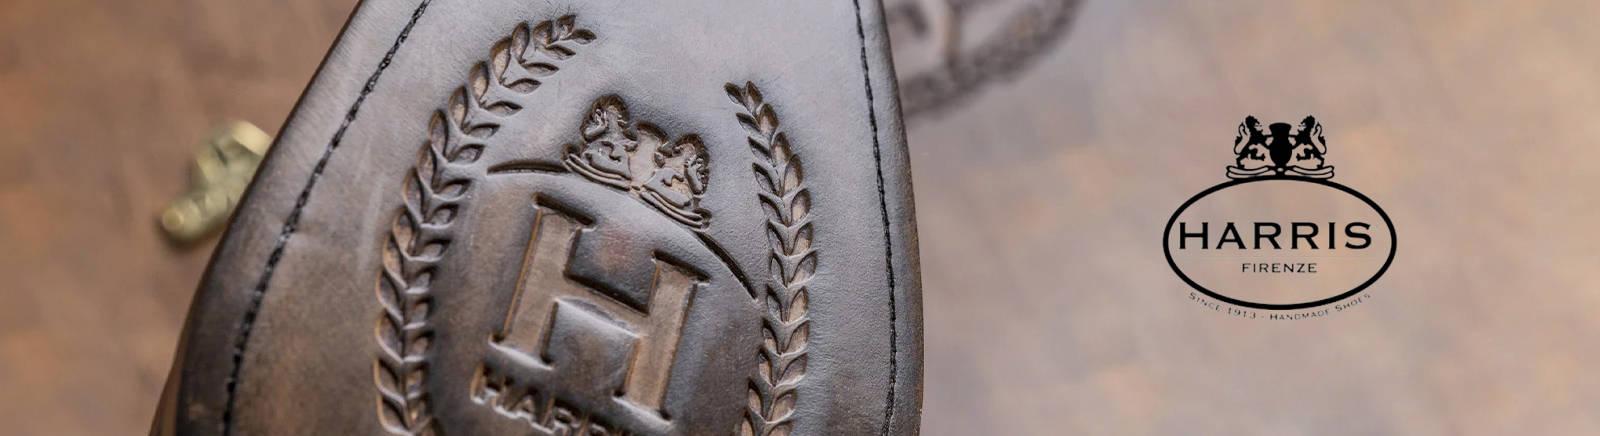 Prange: Harris Herren Boots online shoppen